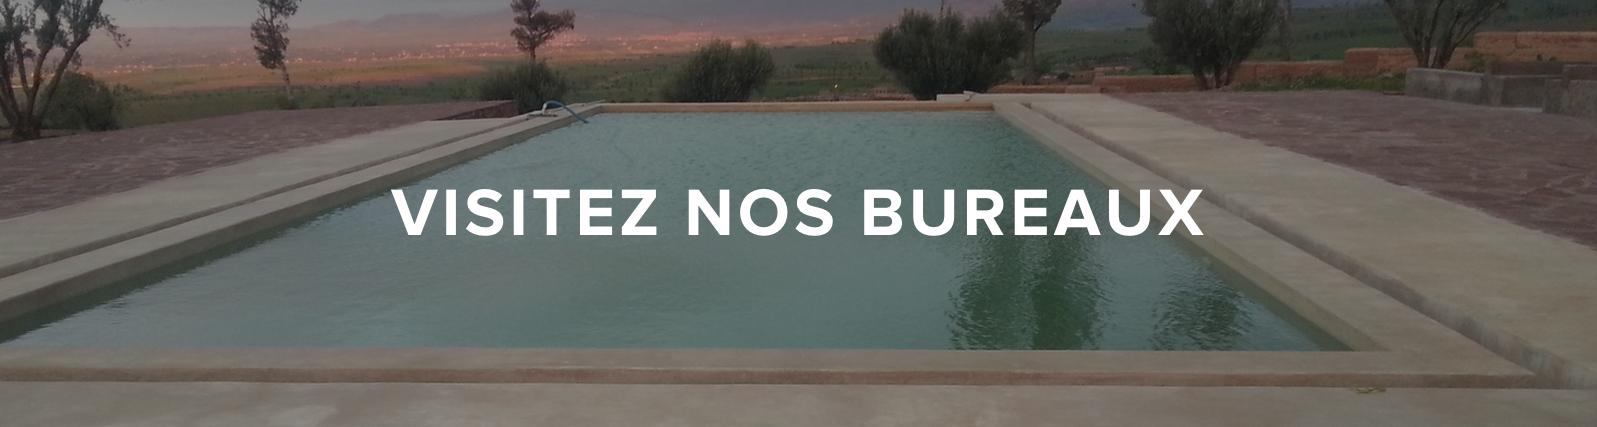 Nos Bureaux - Econosol Maroc, Economiseur d'énergie